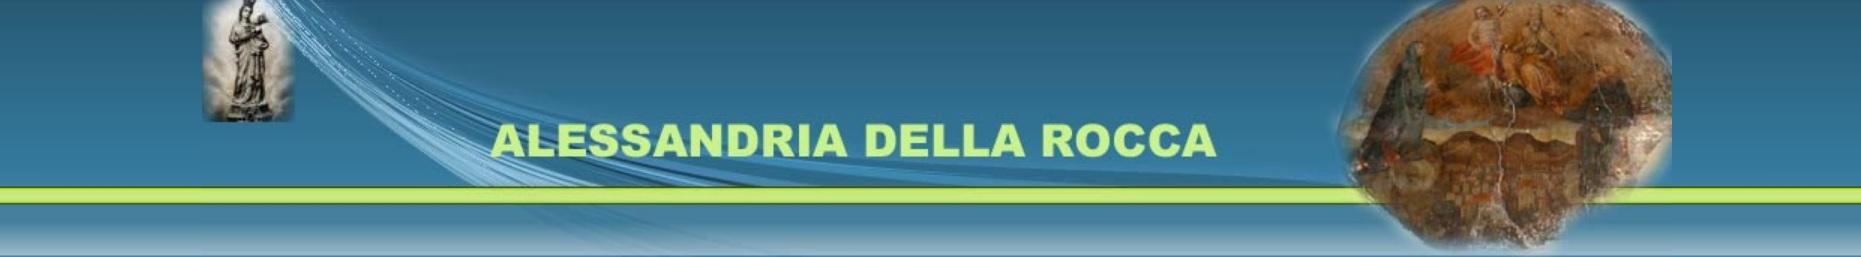 ALESSANDRIA DELLA ROCCA